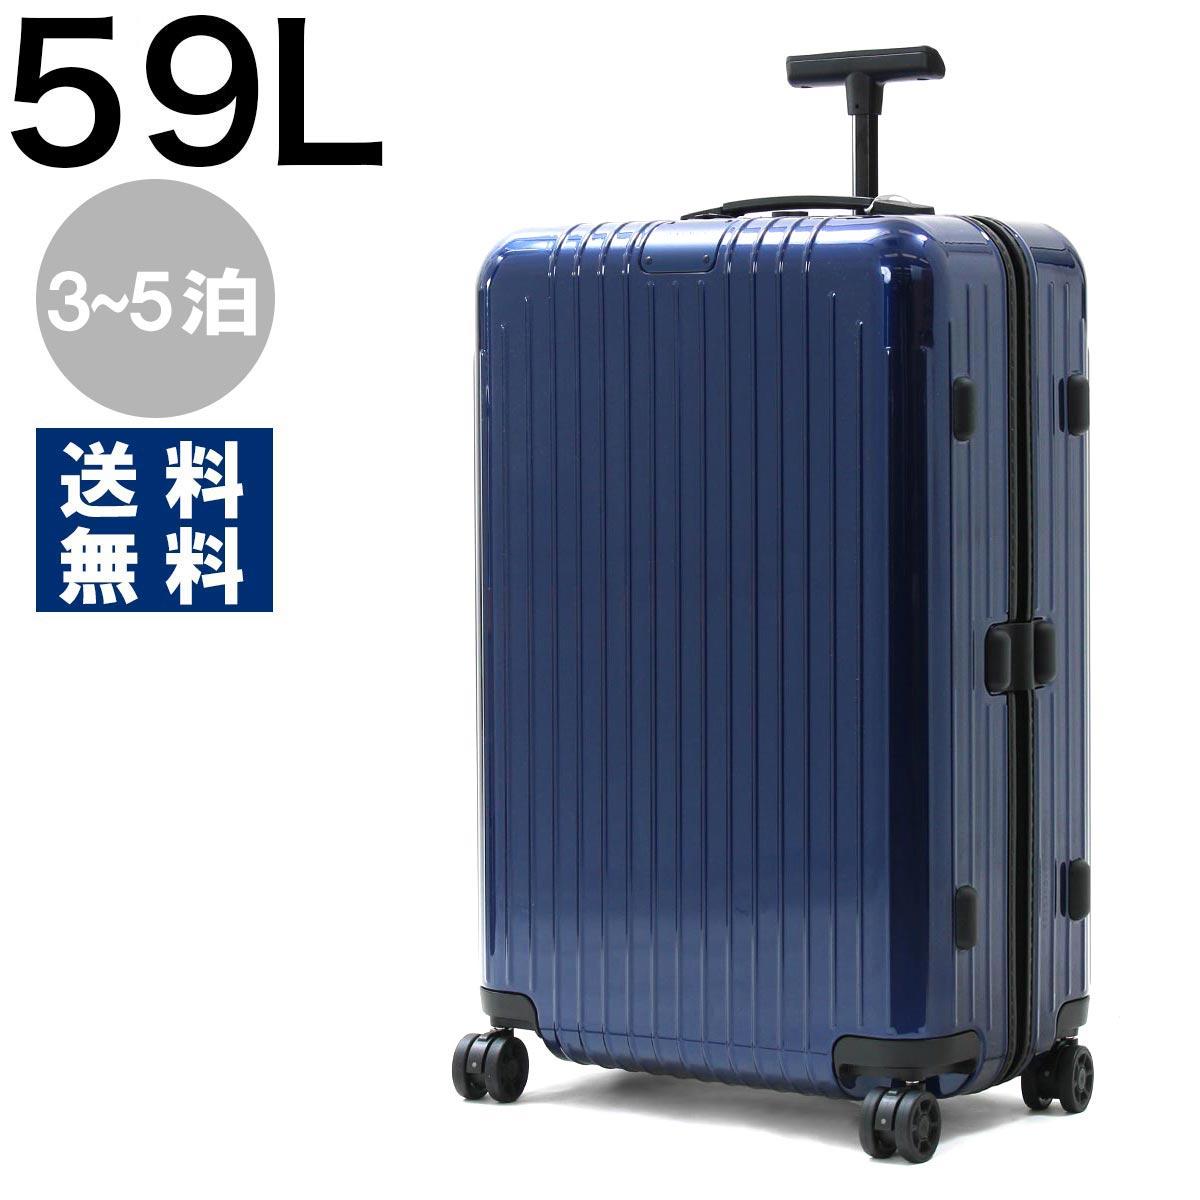 リモワ スーツケース/旅行用バッグ バッグ メンズ レディース エッセンシャル ライト チェックイン M 59L 3~5泊 ブルーグロス 823.63.60.4 RIMOWA